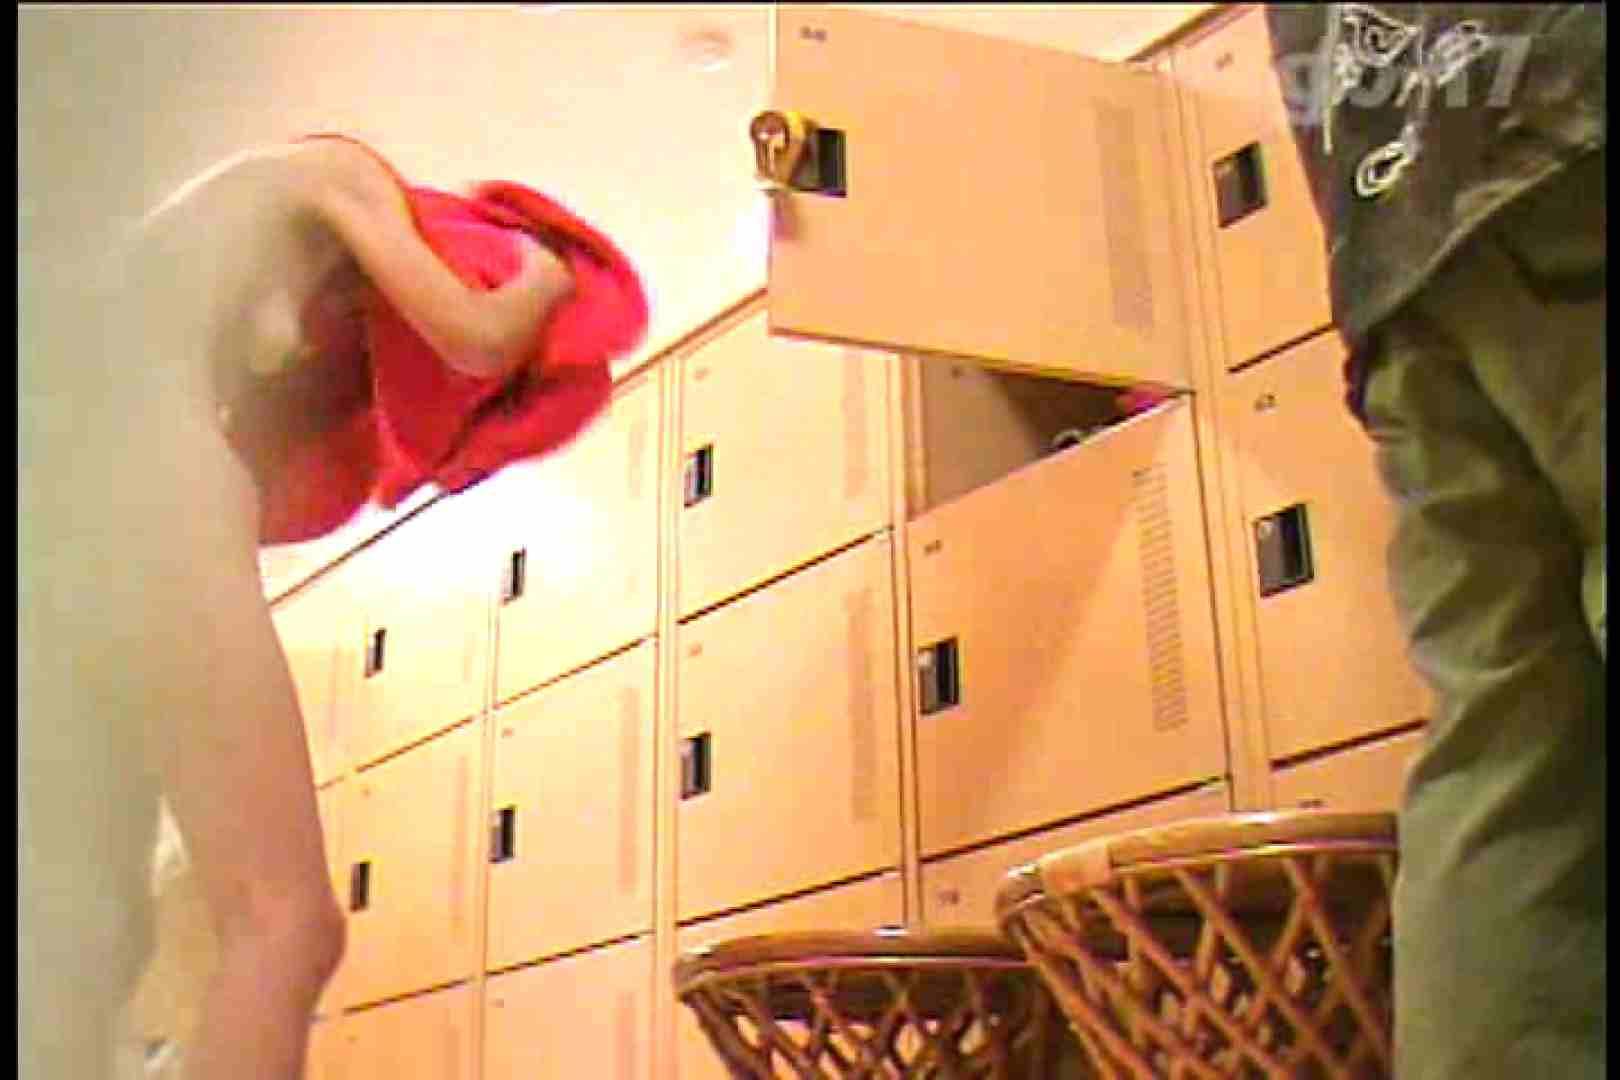 電波カメラ設置浴場からの防HAN映像 Vol.17 丸見え オメコ動画キャプチャ 77画像 12